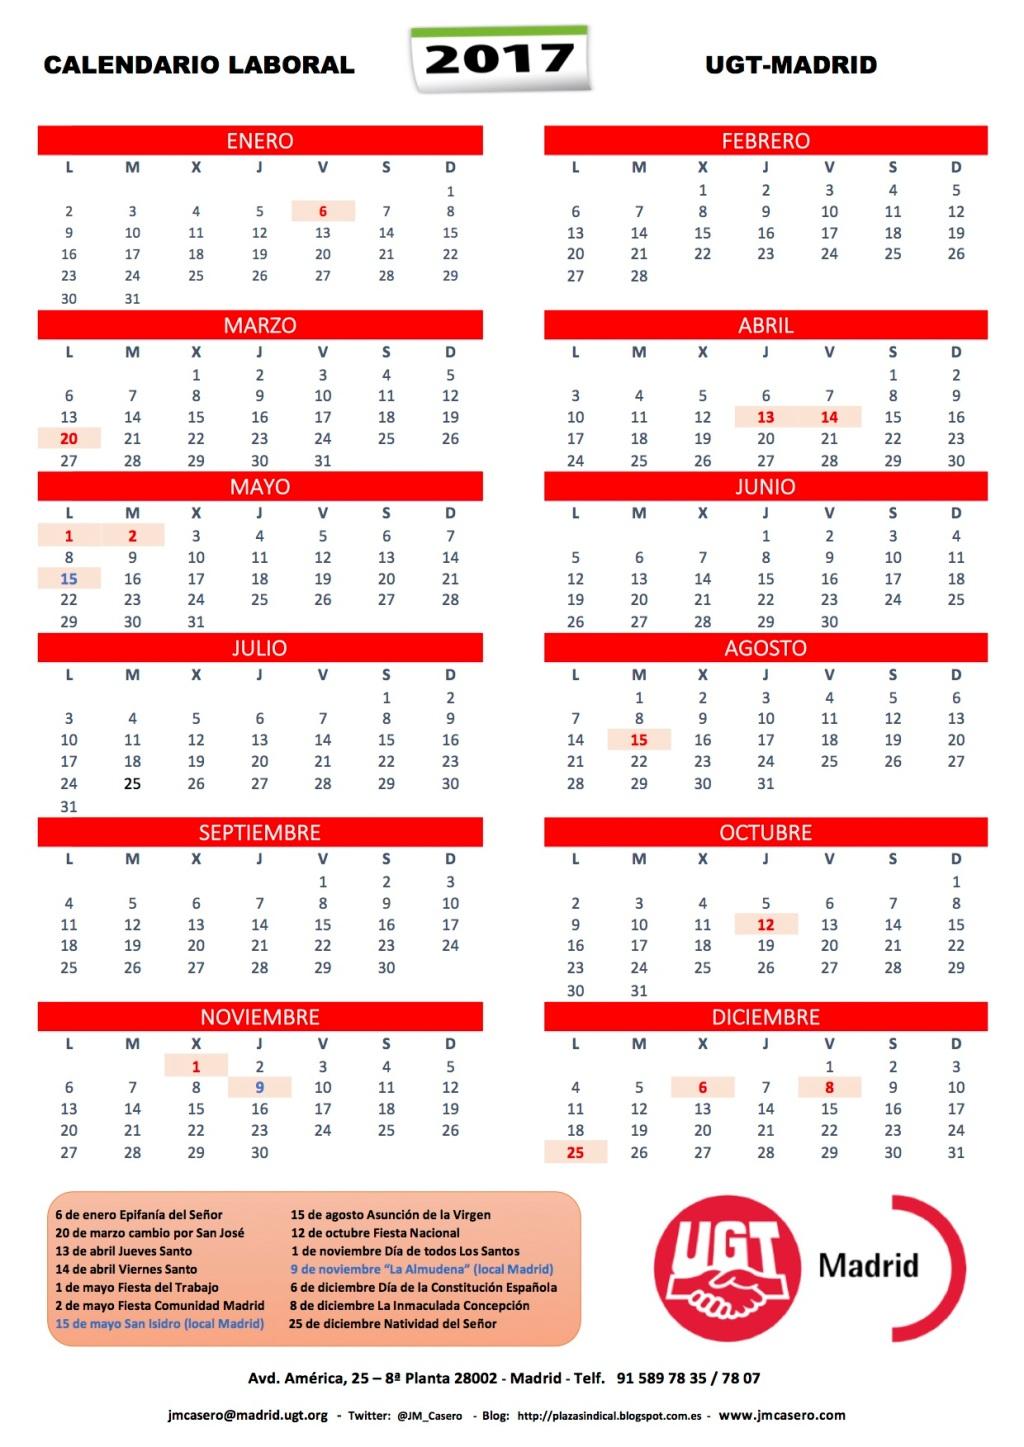 Fiestas laborales de madrid para el a o 2017 plaza sindical for Eventos madrid mayo 2017